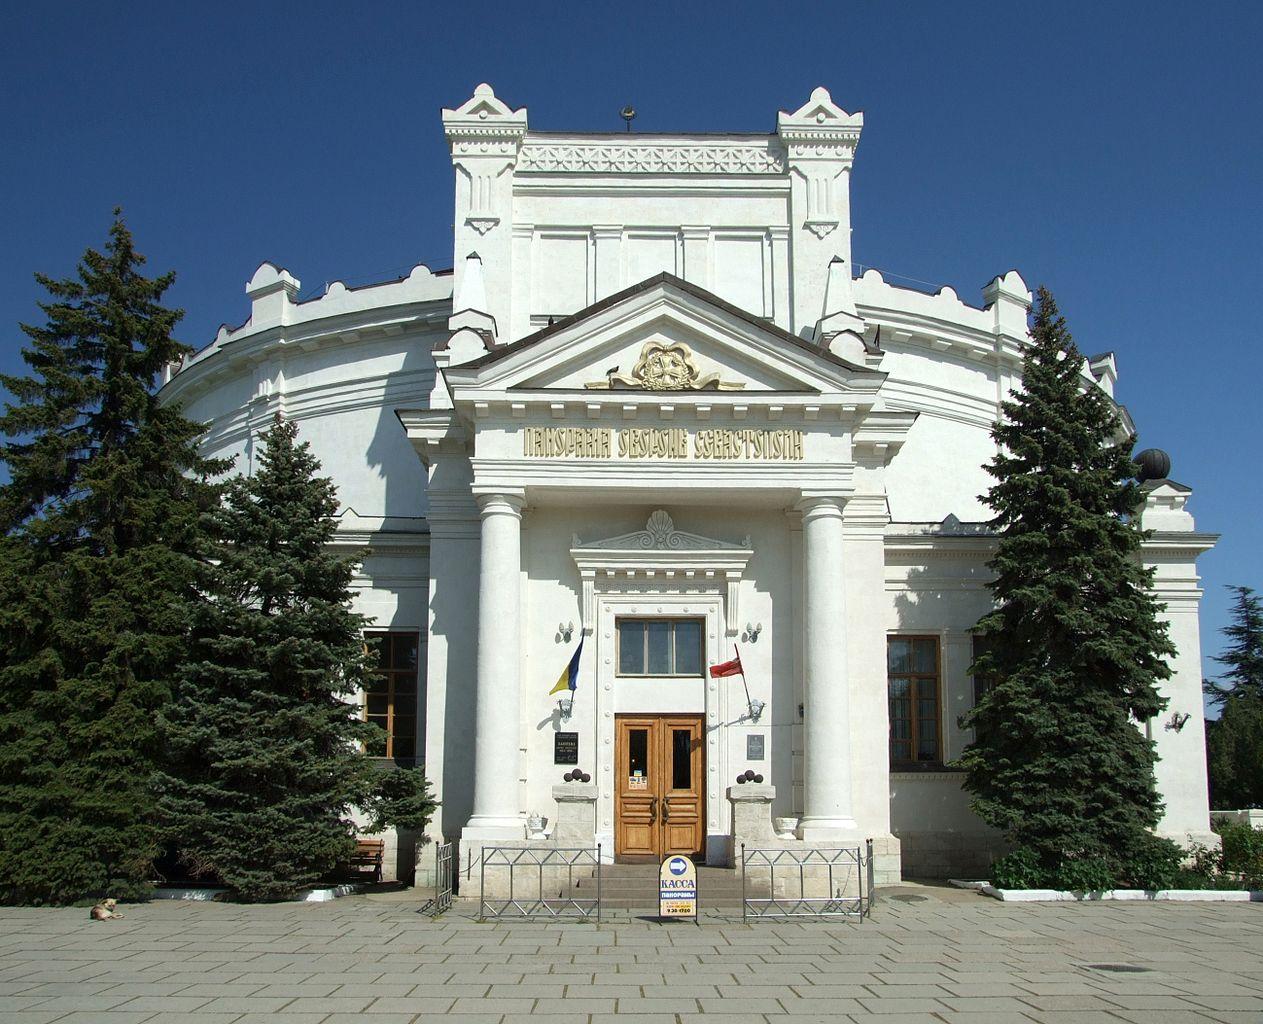 Достопримечательности Севастополя, Крым: Музей-панорама «Оборона Севастополя»